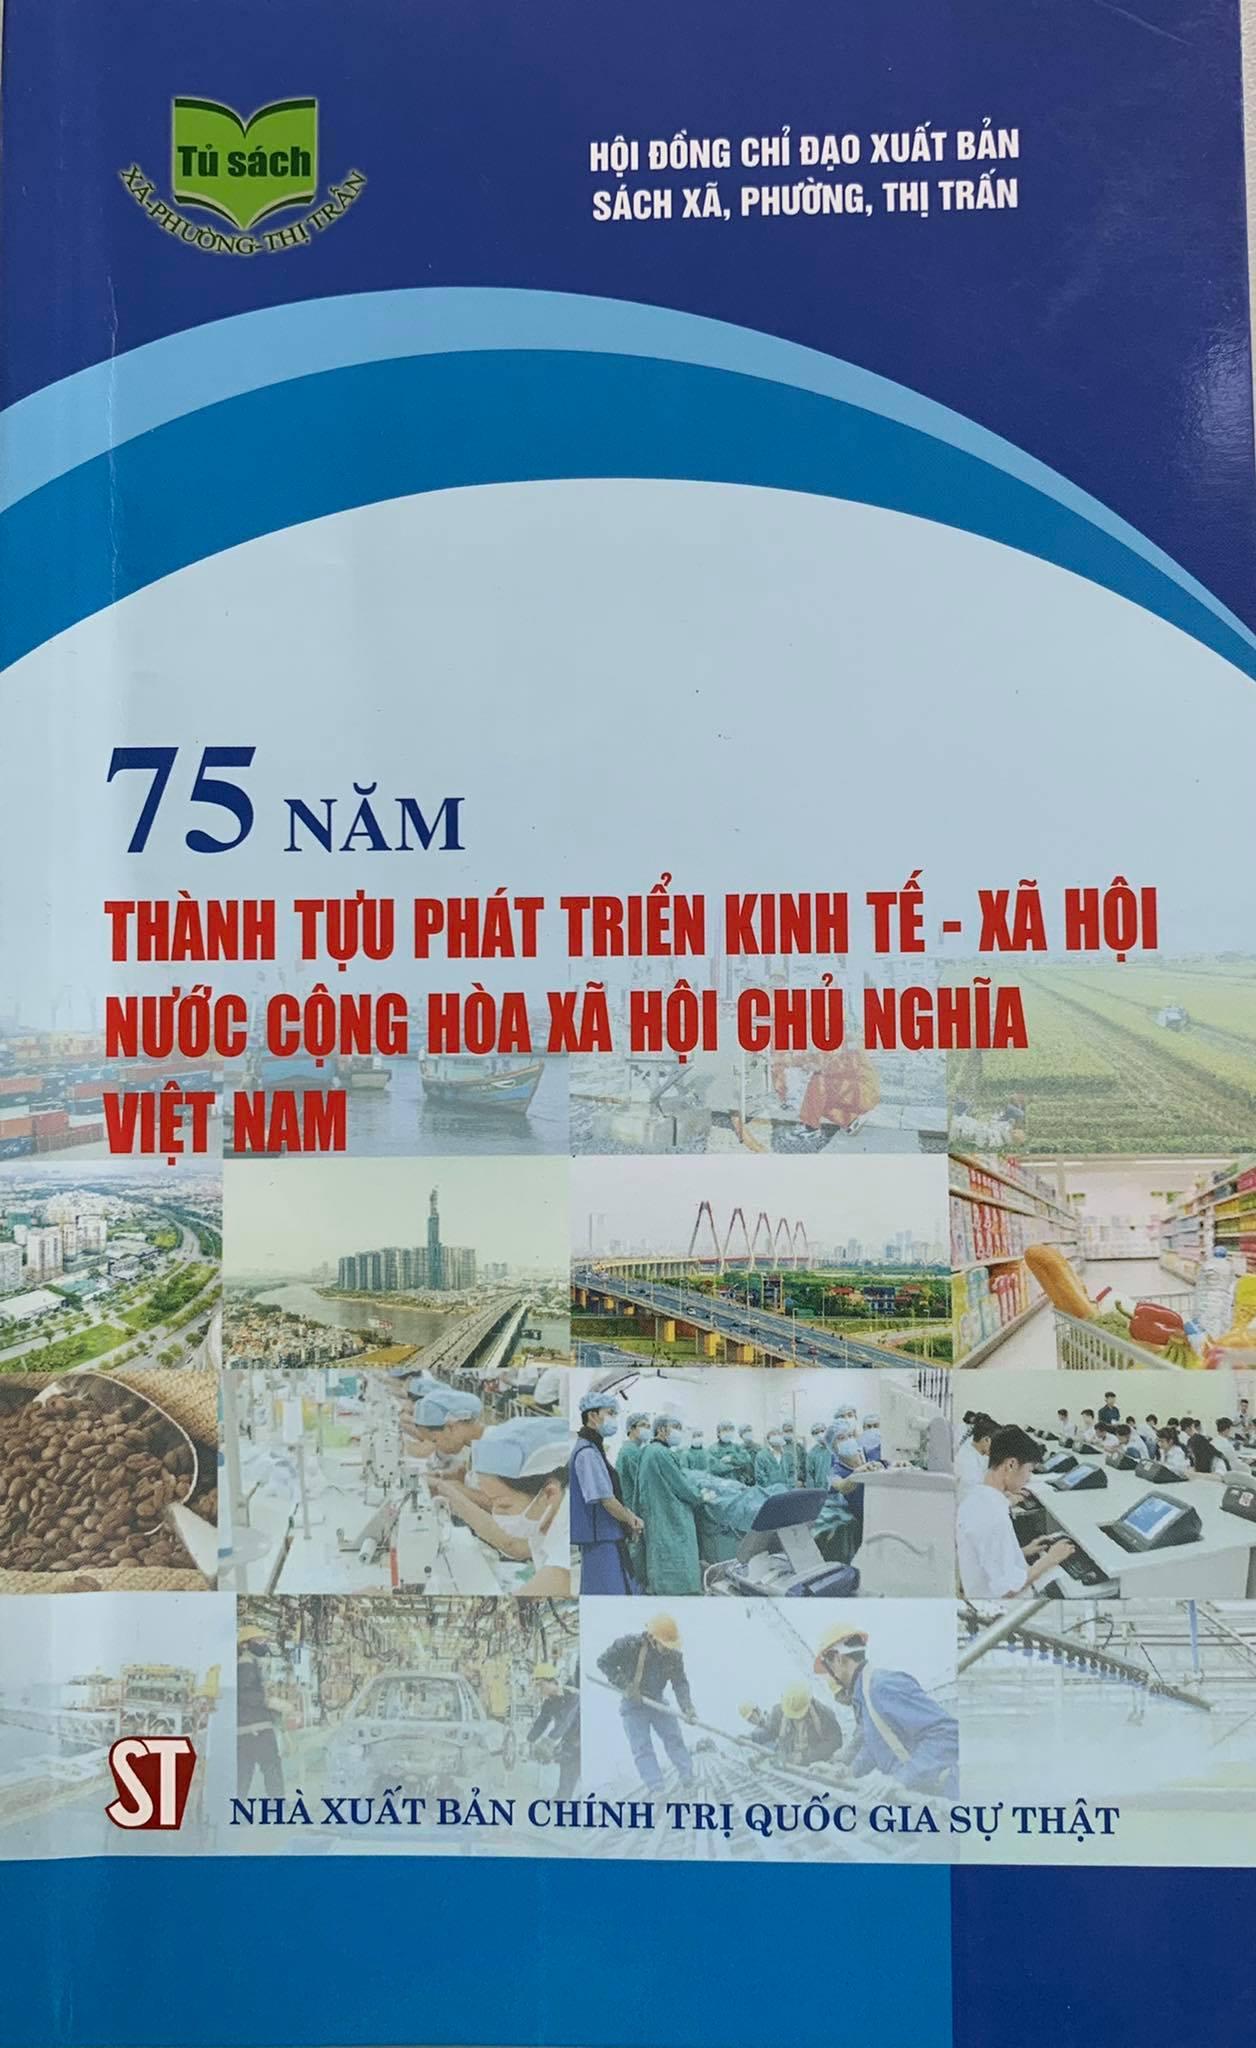 75 năm thành tựu phát triển kinh tế - xã hội nước Cộng hòa xã hội chủ nghĩa Việt Nam